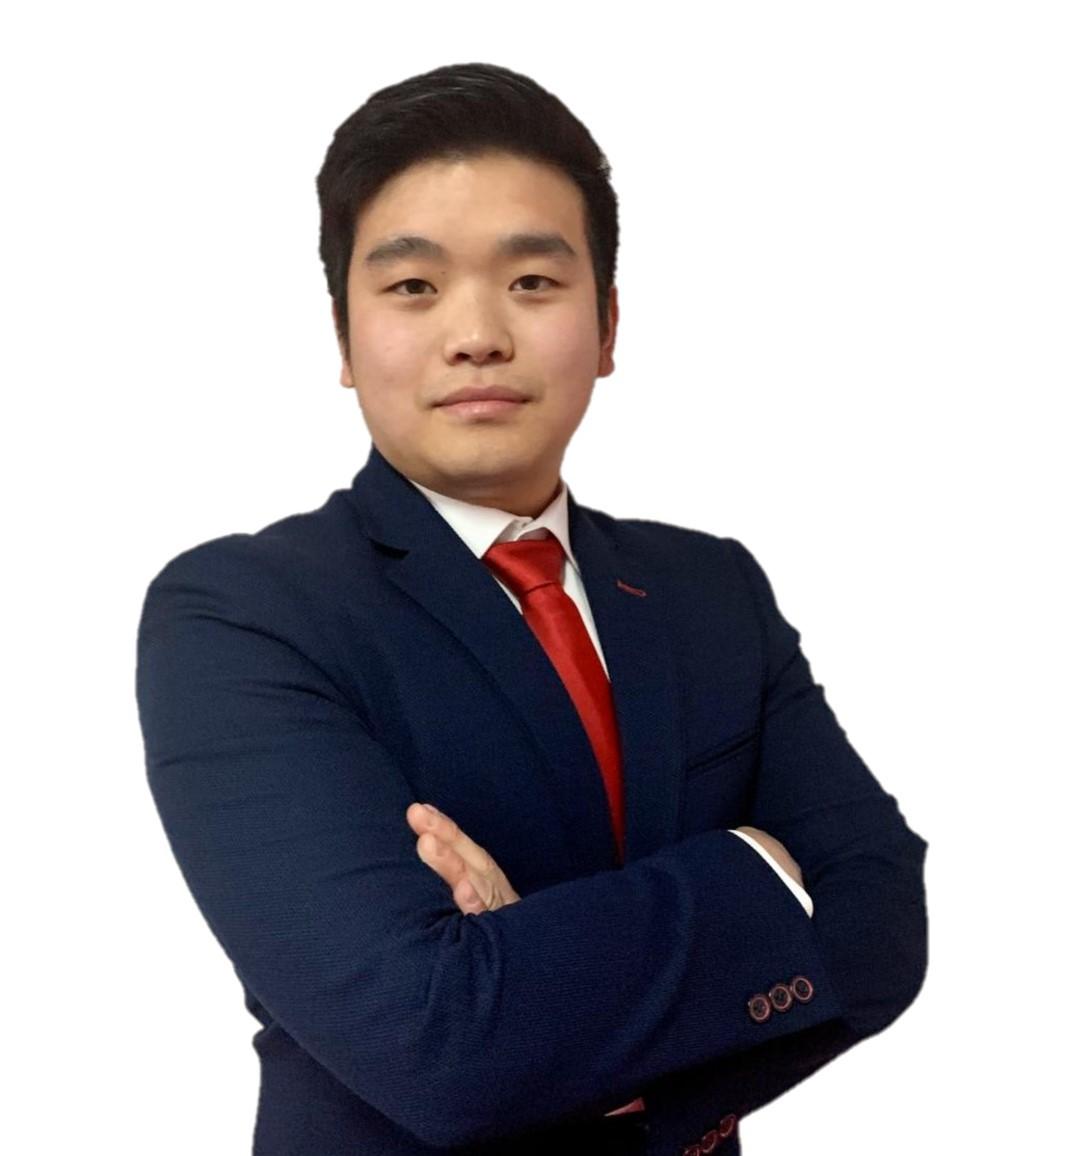 Alvaro Zhou